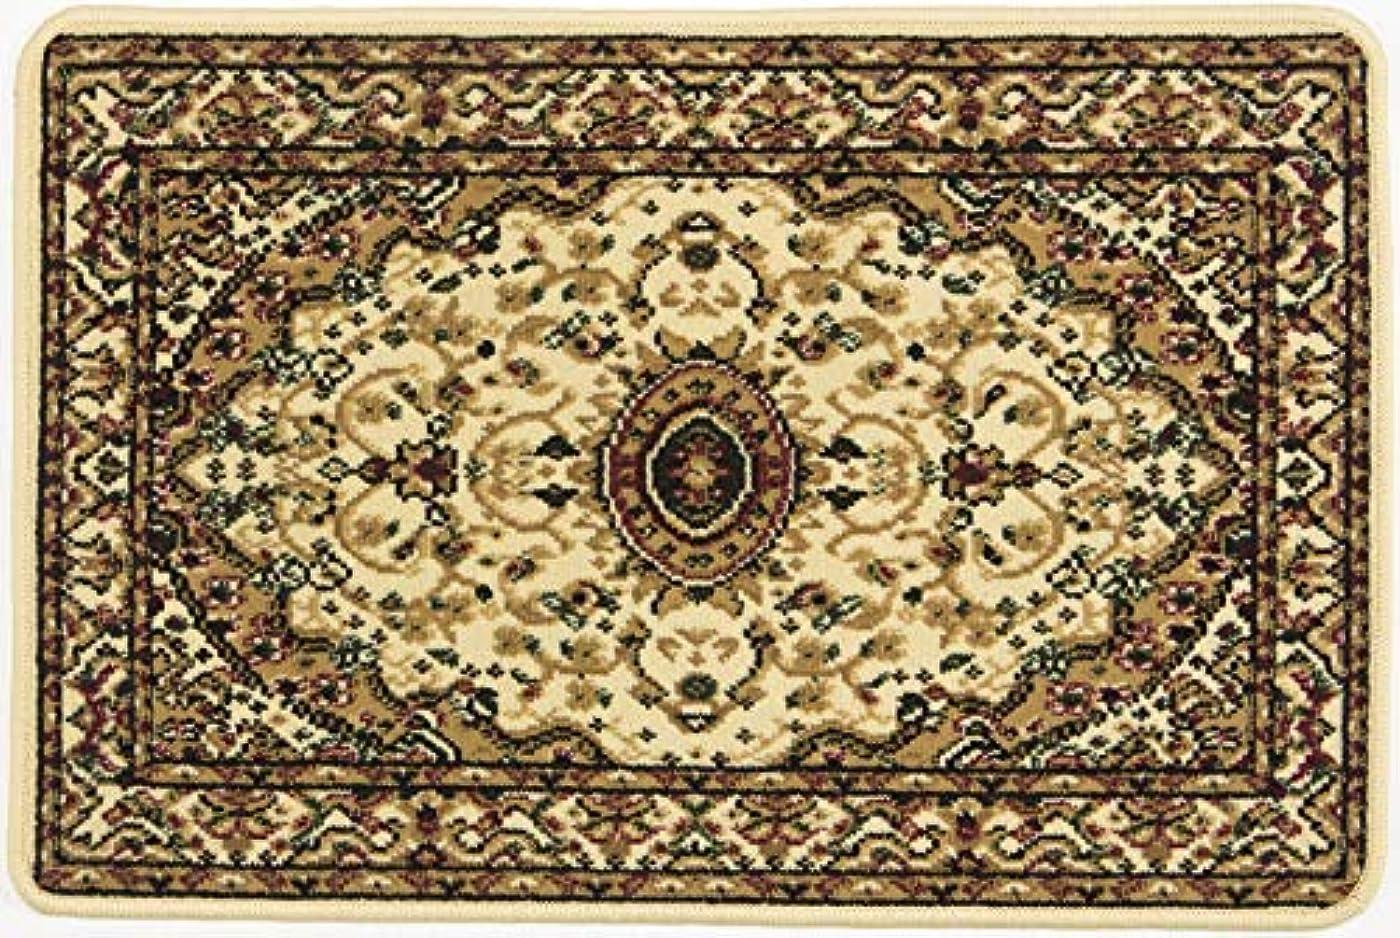 北東親愛な引き渡すファミリー?ライフ イ草 ベージュ 6畳(240x330cm) ペルシャ柄ウィルトン織りカーペット